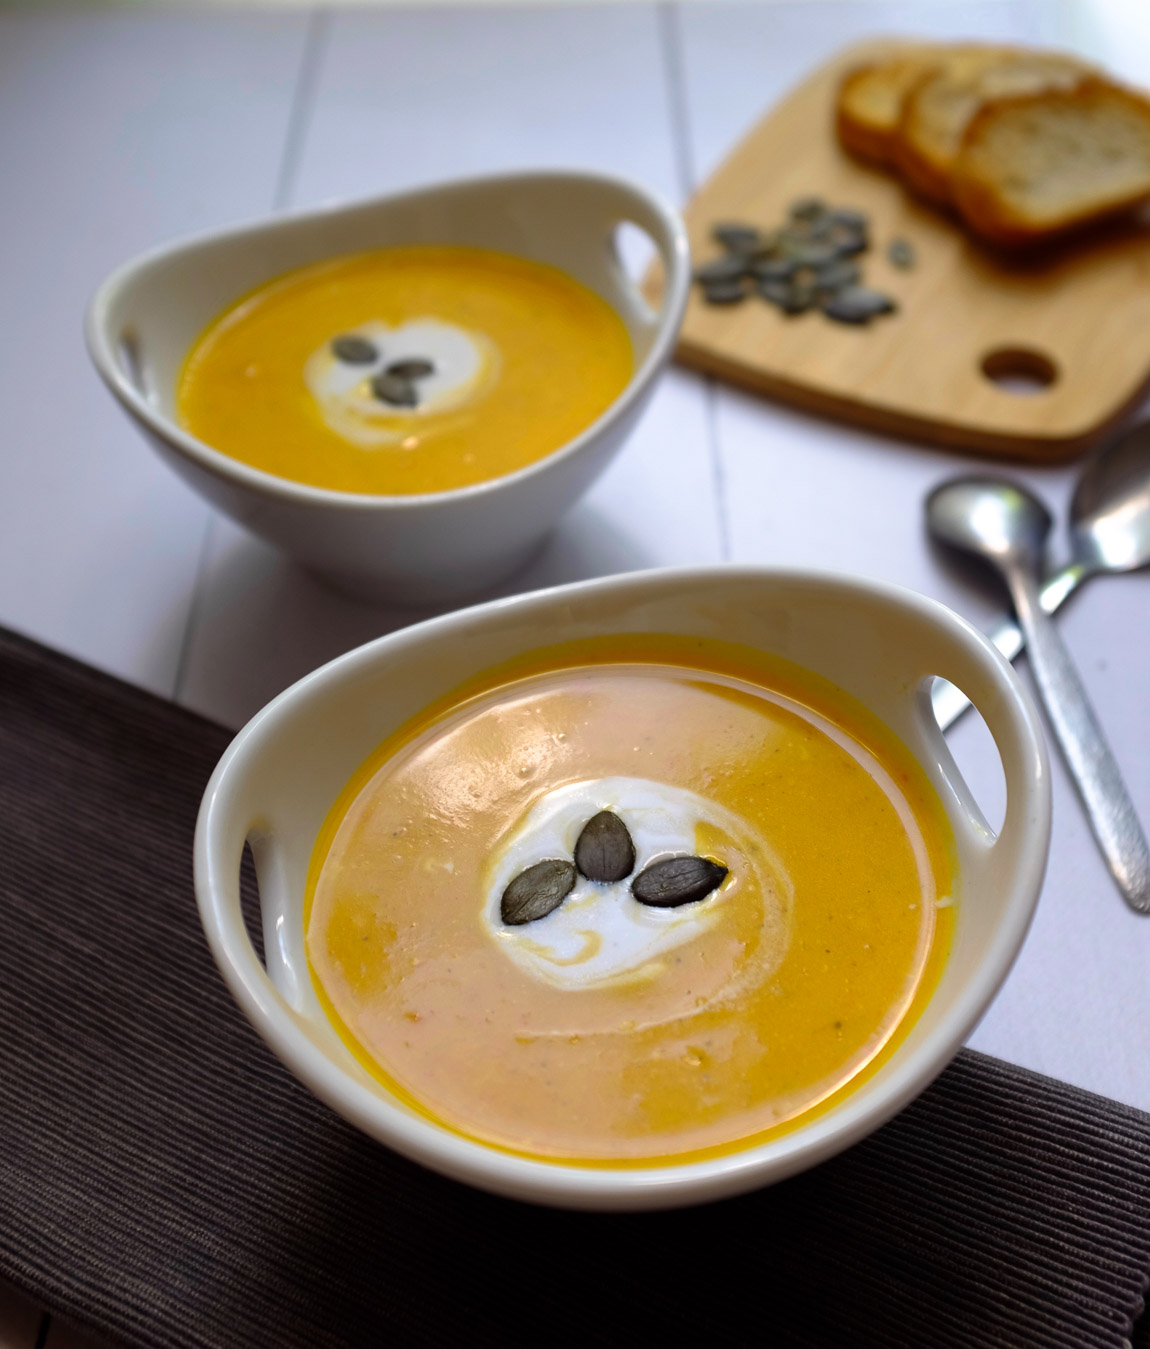 Diese schnelle Hokkaido-Kokos-Suppe ist wunderbar cremig und steckt voller toller Aromen. Nur 7 Zutaten und 30 Minuten Zubereitungszeit macht diese Suppe zu einem tollen Gericht an einem windigen Herbsttag.